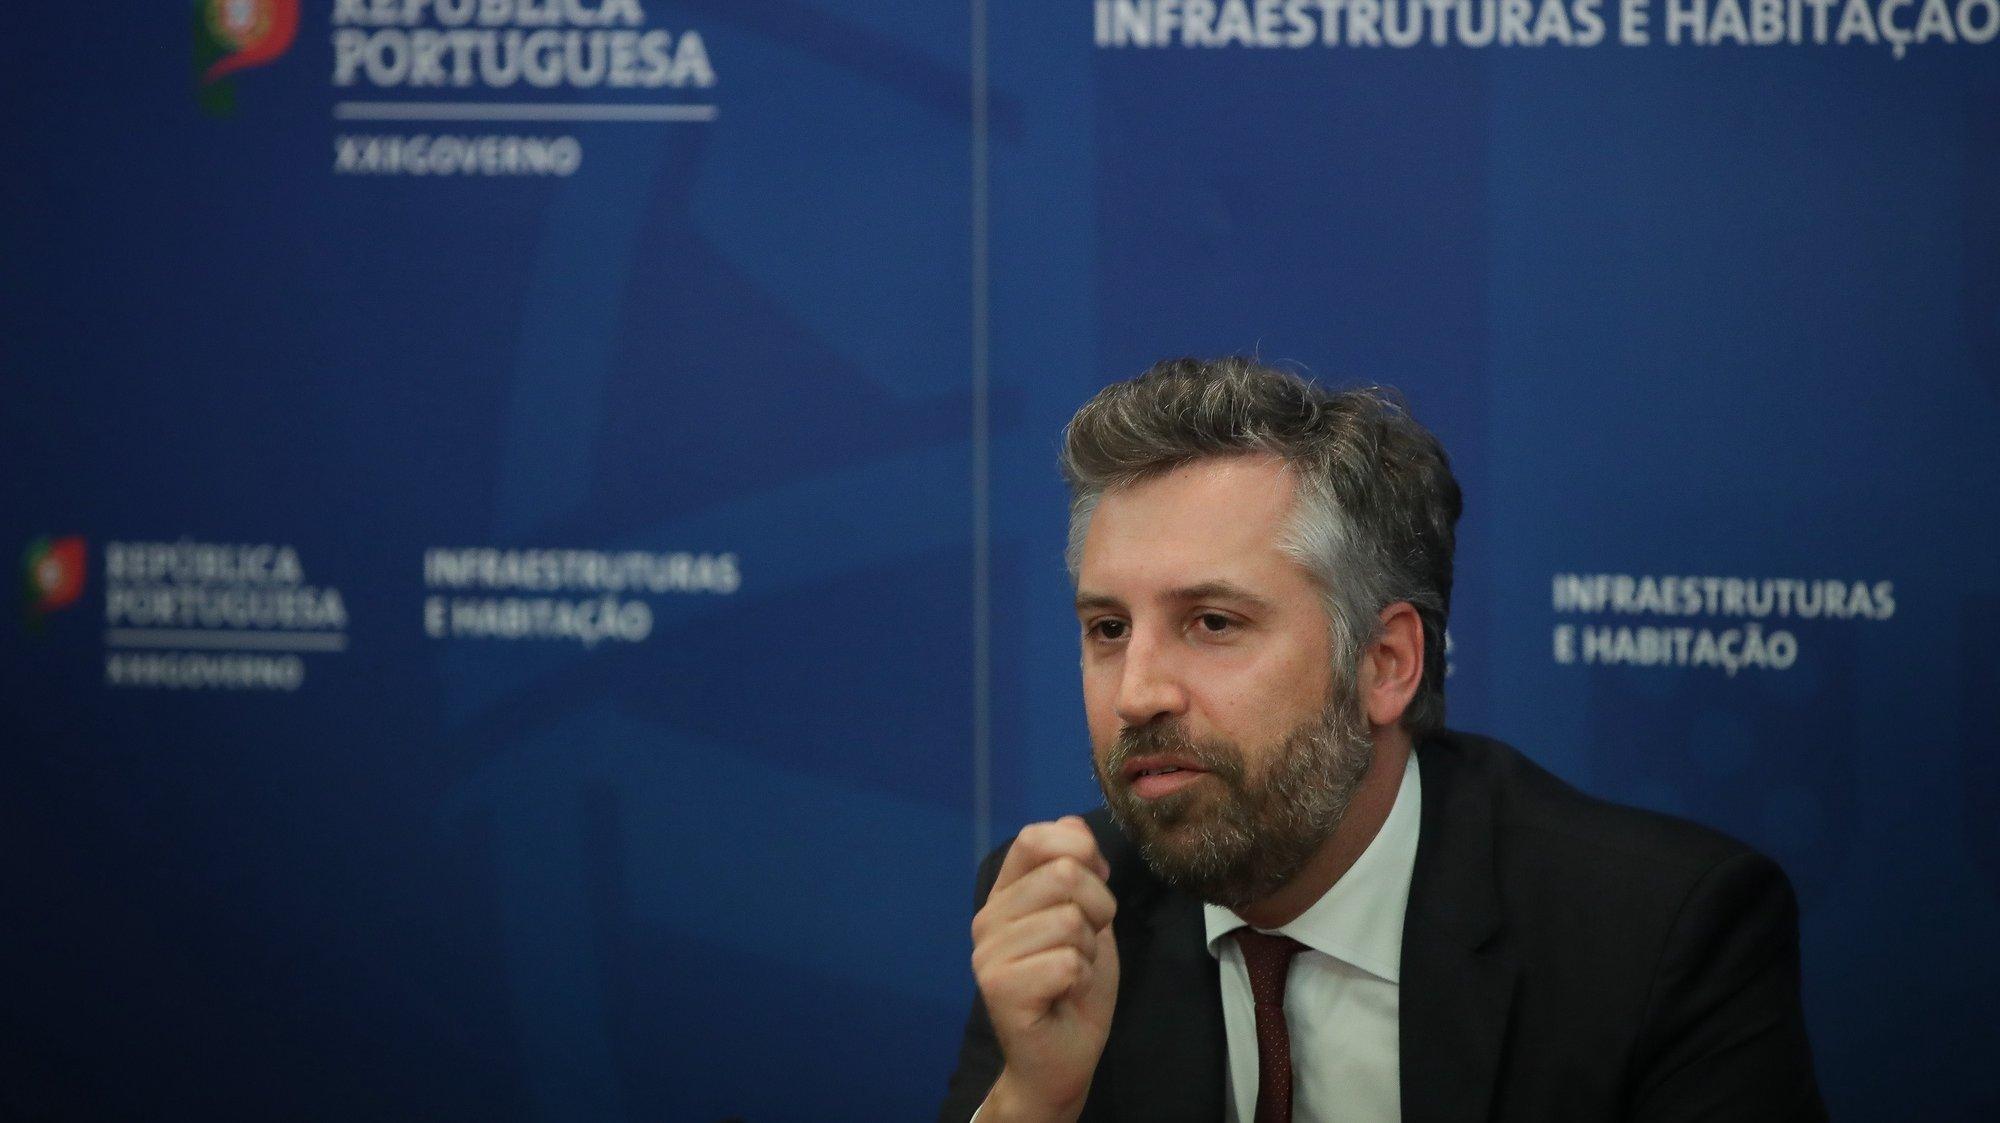 O ministro das Infraestruturas e da Habitação, Pedro Nuno Santos durante uma conferência de imprensa sobre a operação de auxílio à TAP, em Lisboa, 2 de julho de 2020. O Governo aprovou hoje uma resolução que reconhece o interesse público subjacente à operação de auxílio à TAP no valor de até 1.200 milhões de euros e anunciou um acordo entre o Estado e os acionistas da companhia aérea. MÁRIO CRUZ/LUSA